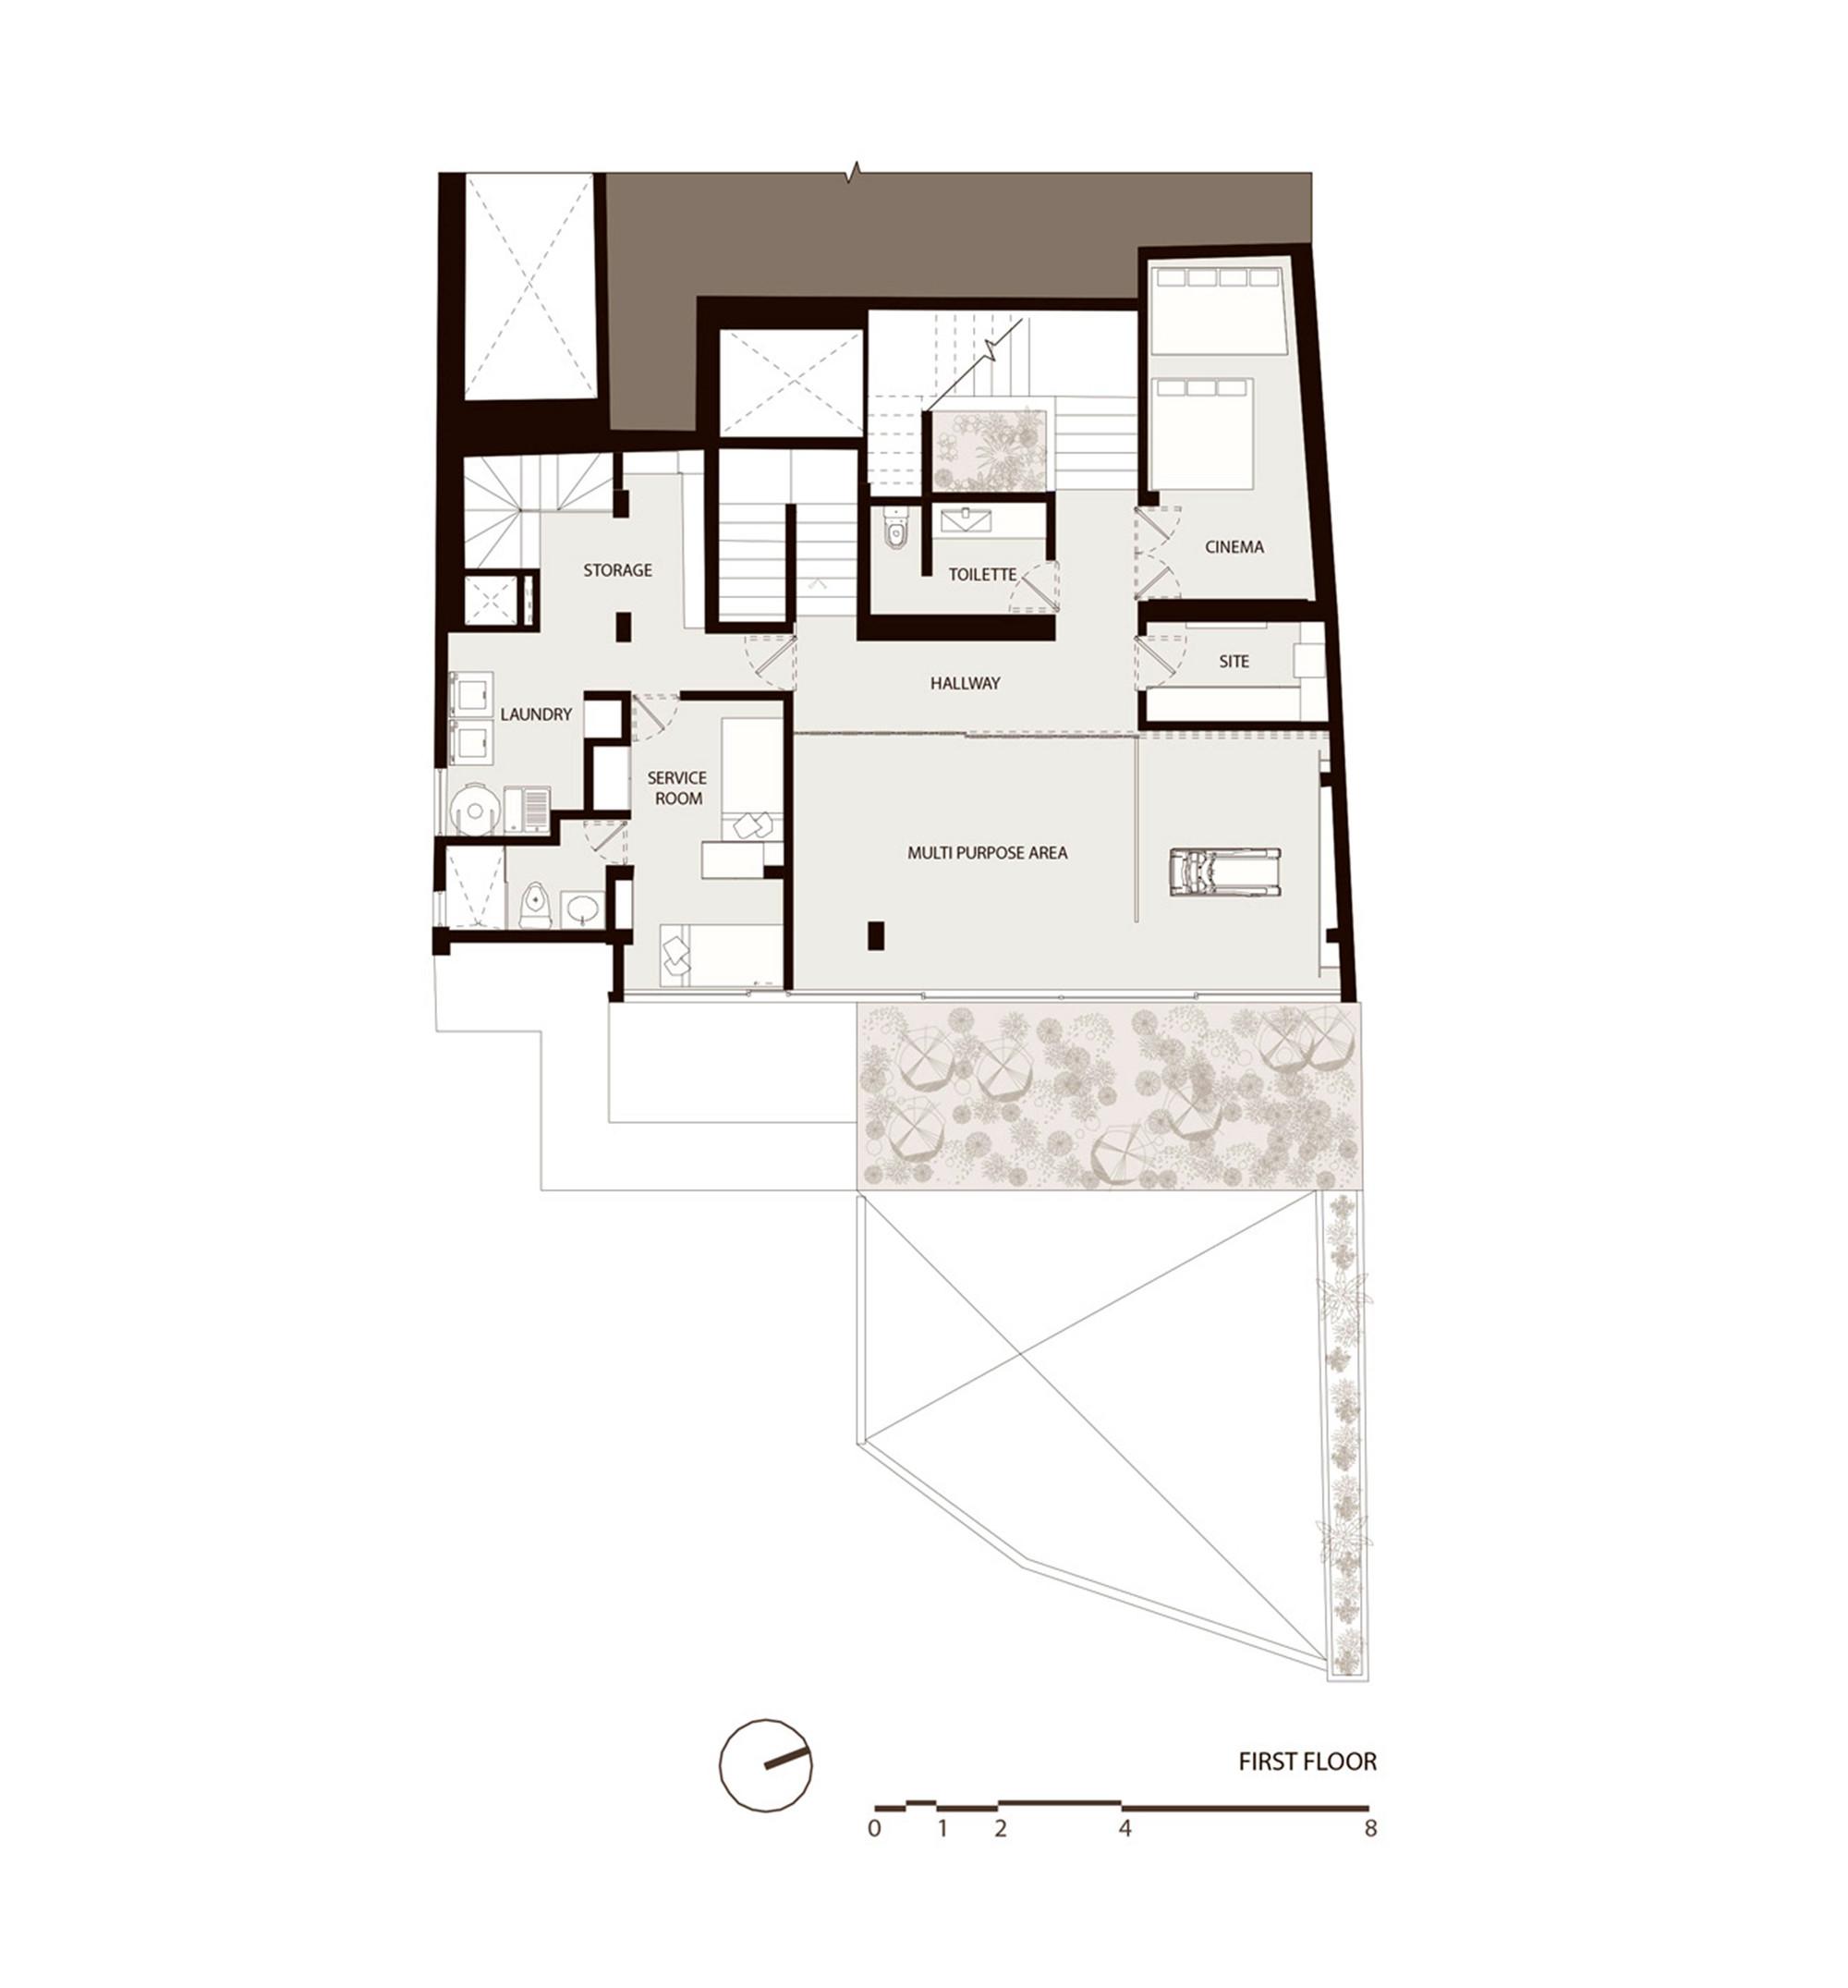 Gallery of the barrancas house ezequielfarca - Diseno y arquitectura ...